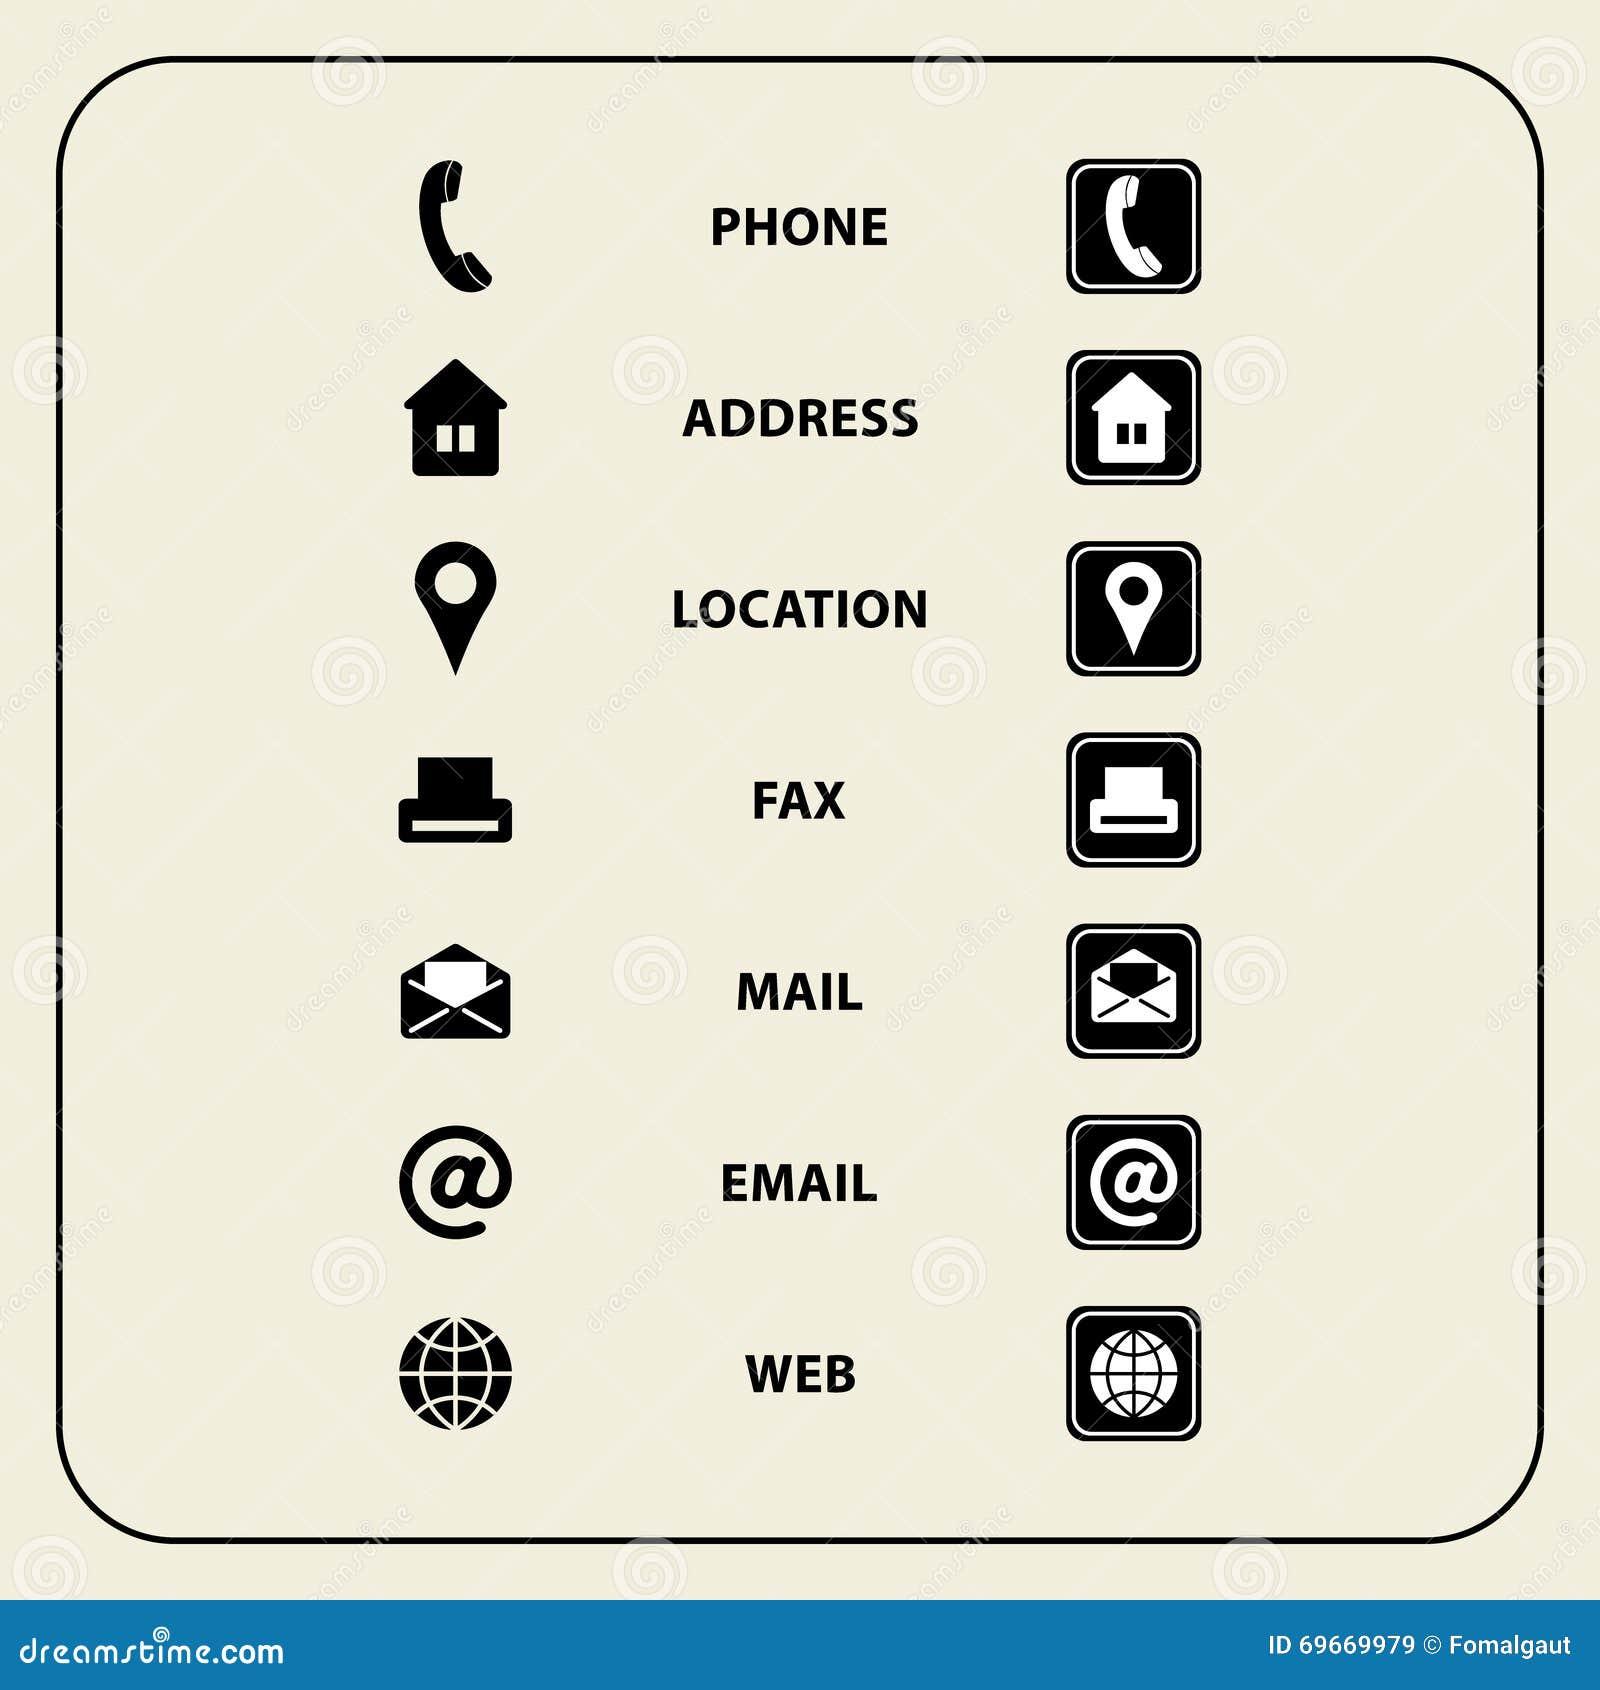 Dirigez Lillustration De Lensemble Dicones Web Pour Des Cartes Visite Professionnelle Finances Et La Communication Symboles